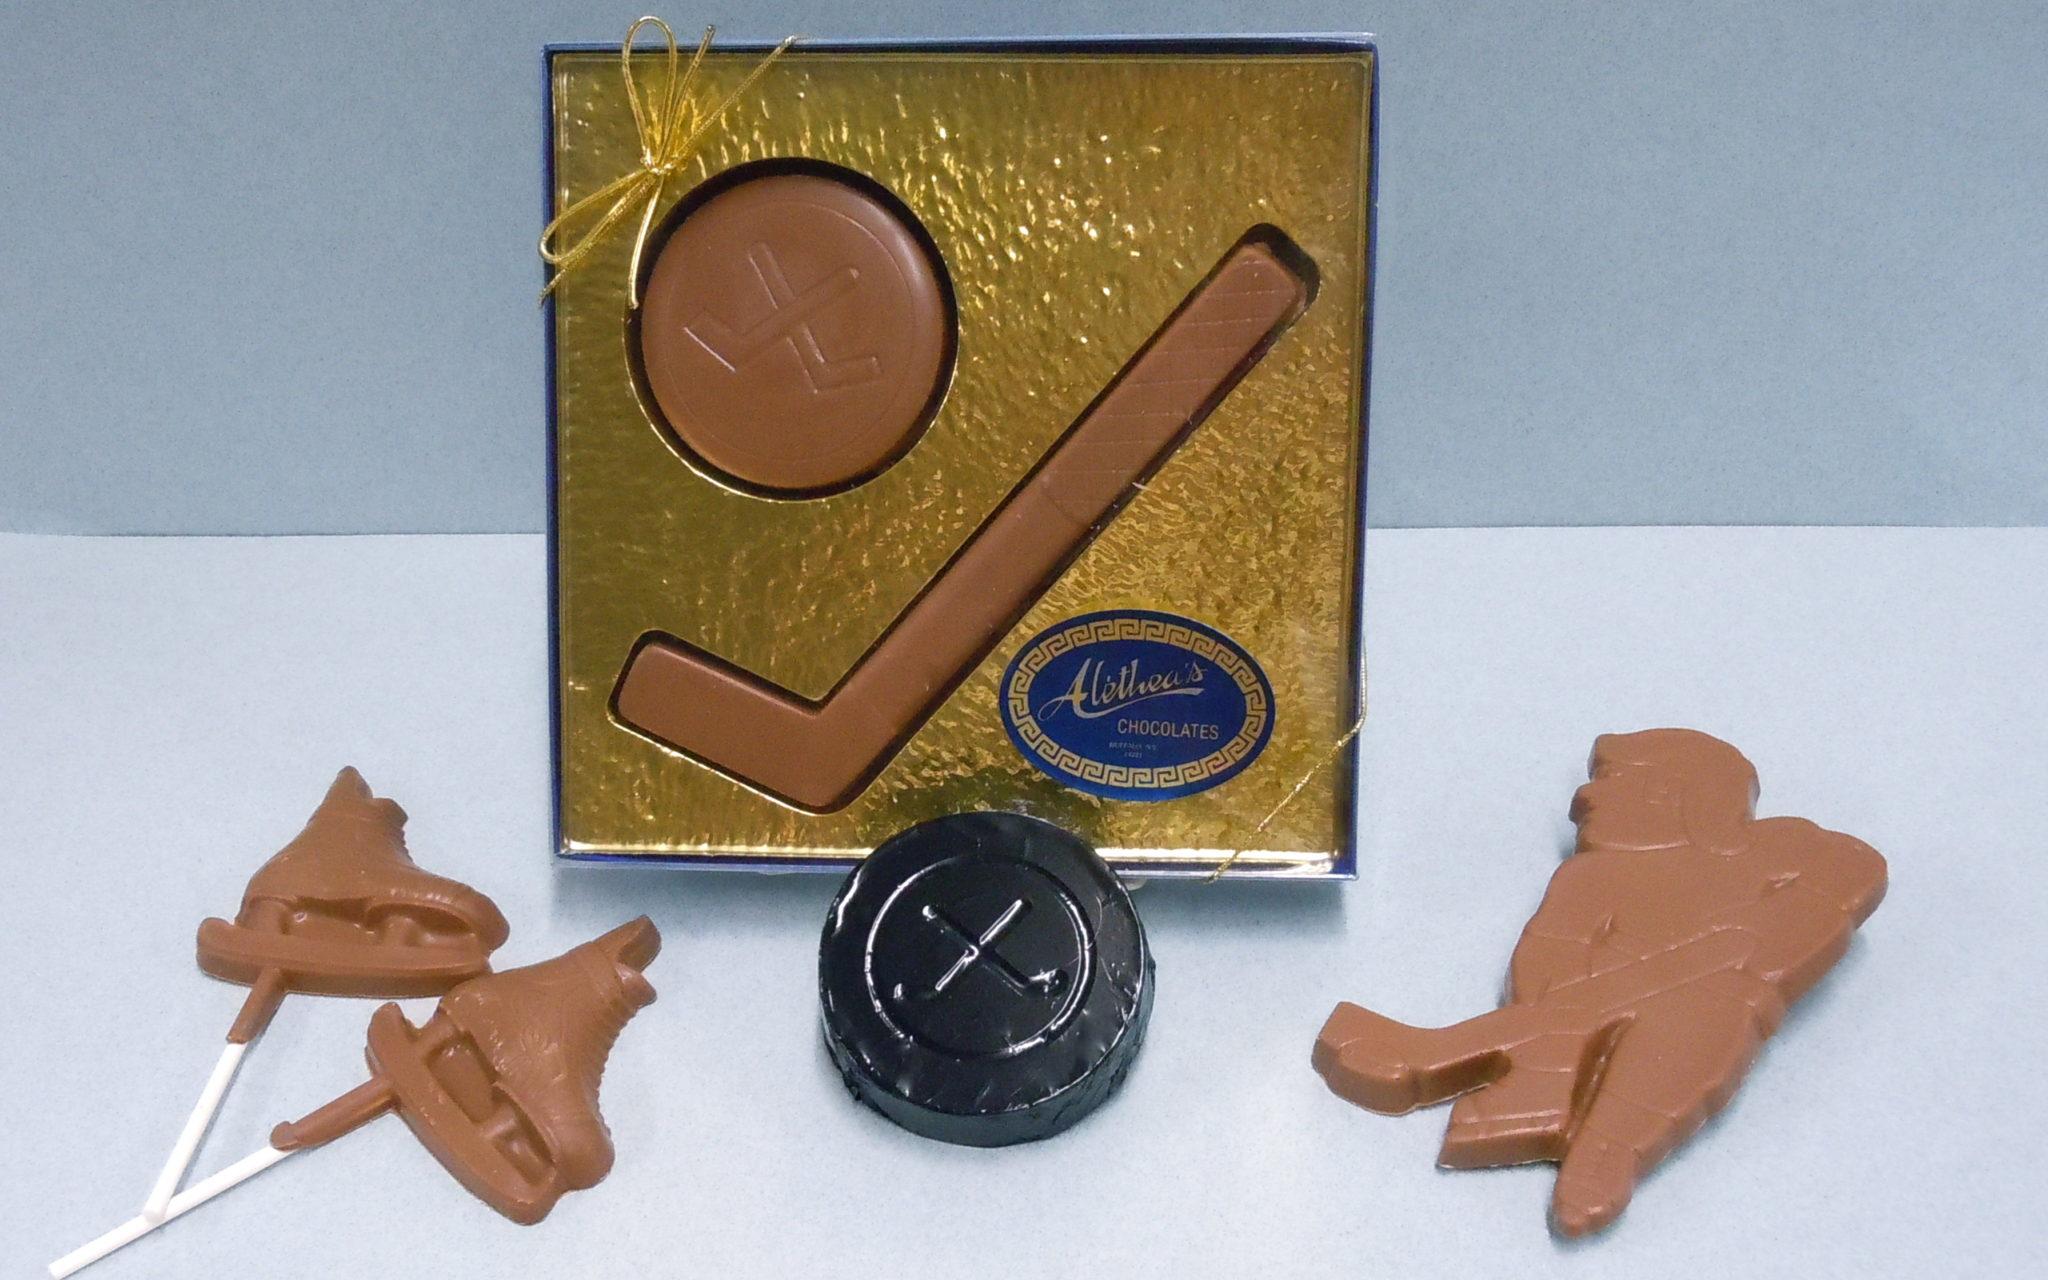 Chocolate Hockey stick, pucks, player